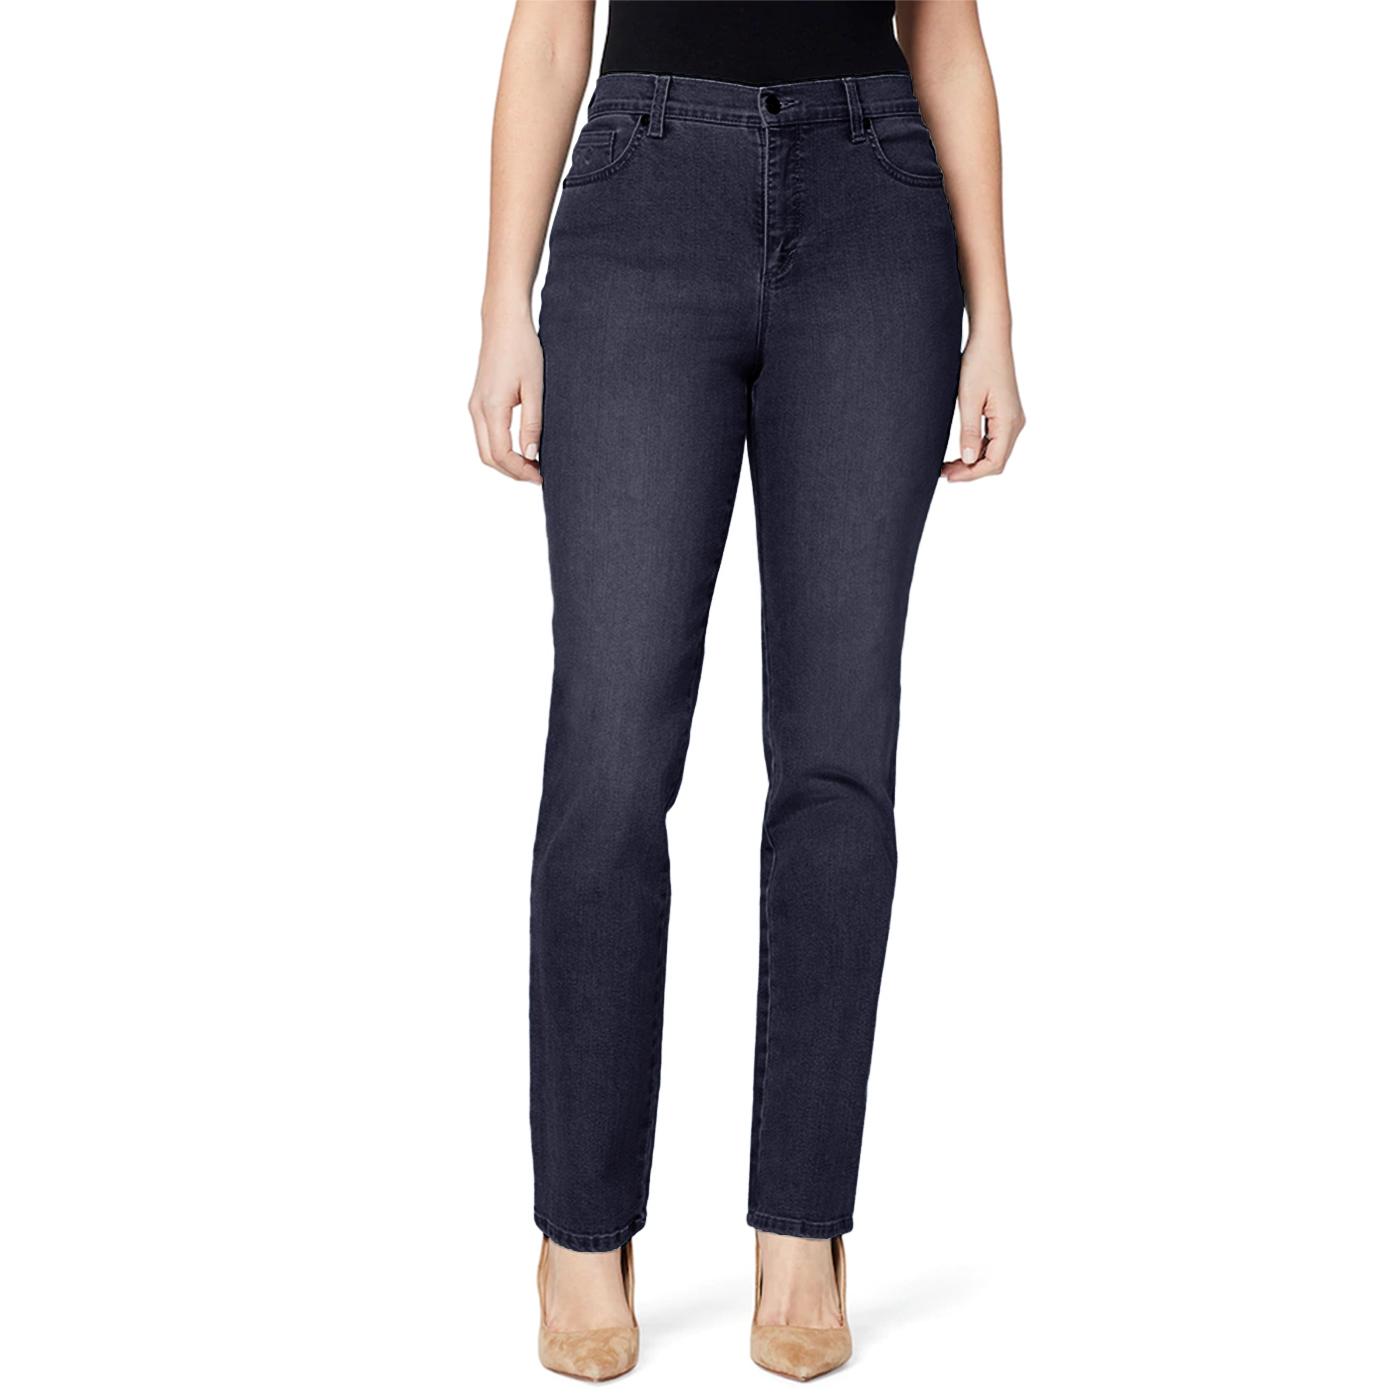 Gloria Vanderbilt Ladies Denim Average Length Jeans - Rinse Nior Blue 16